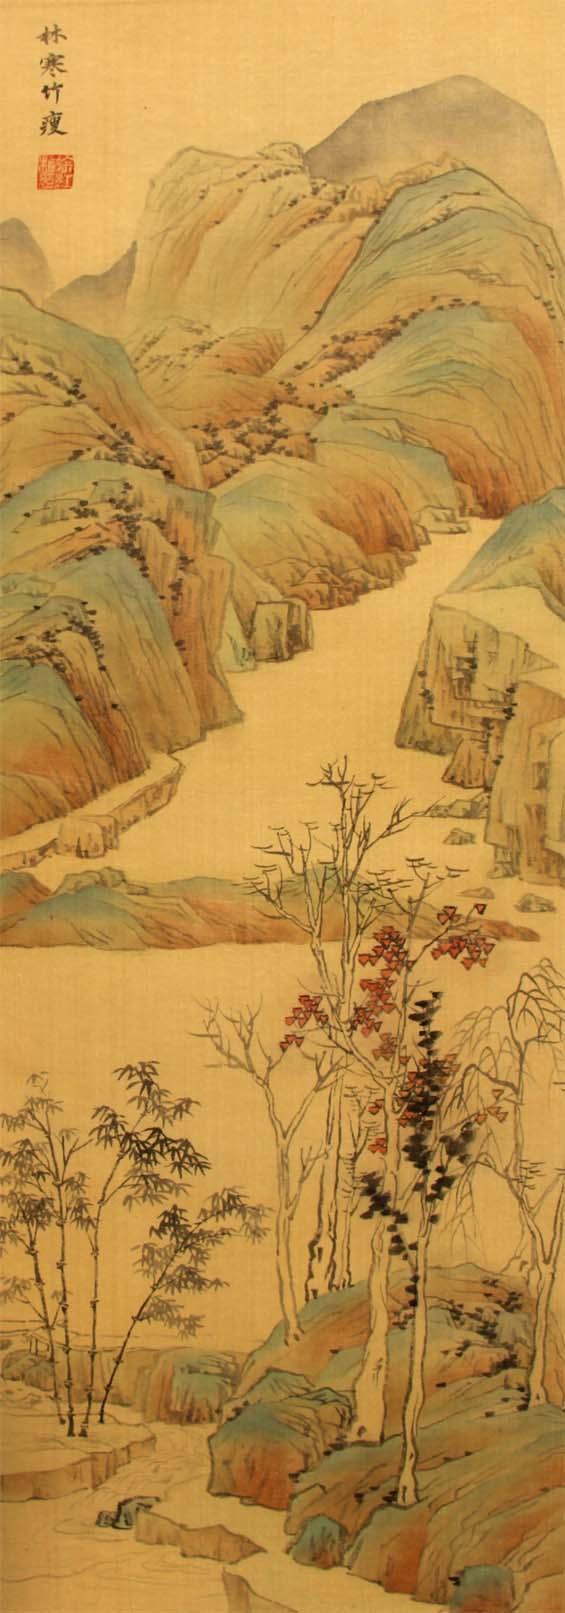 画家徐红梅参展作品